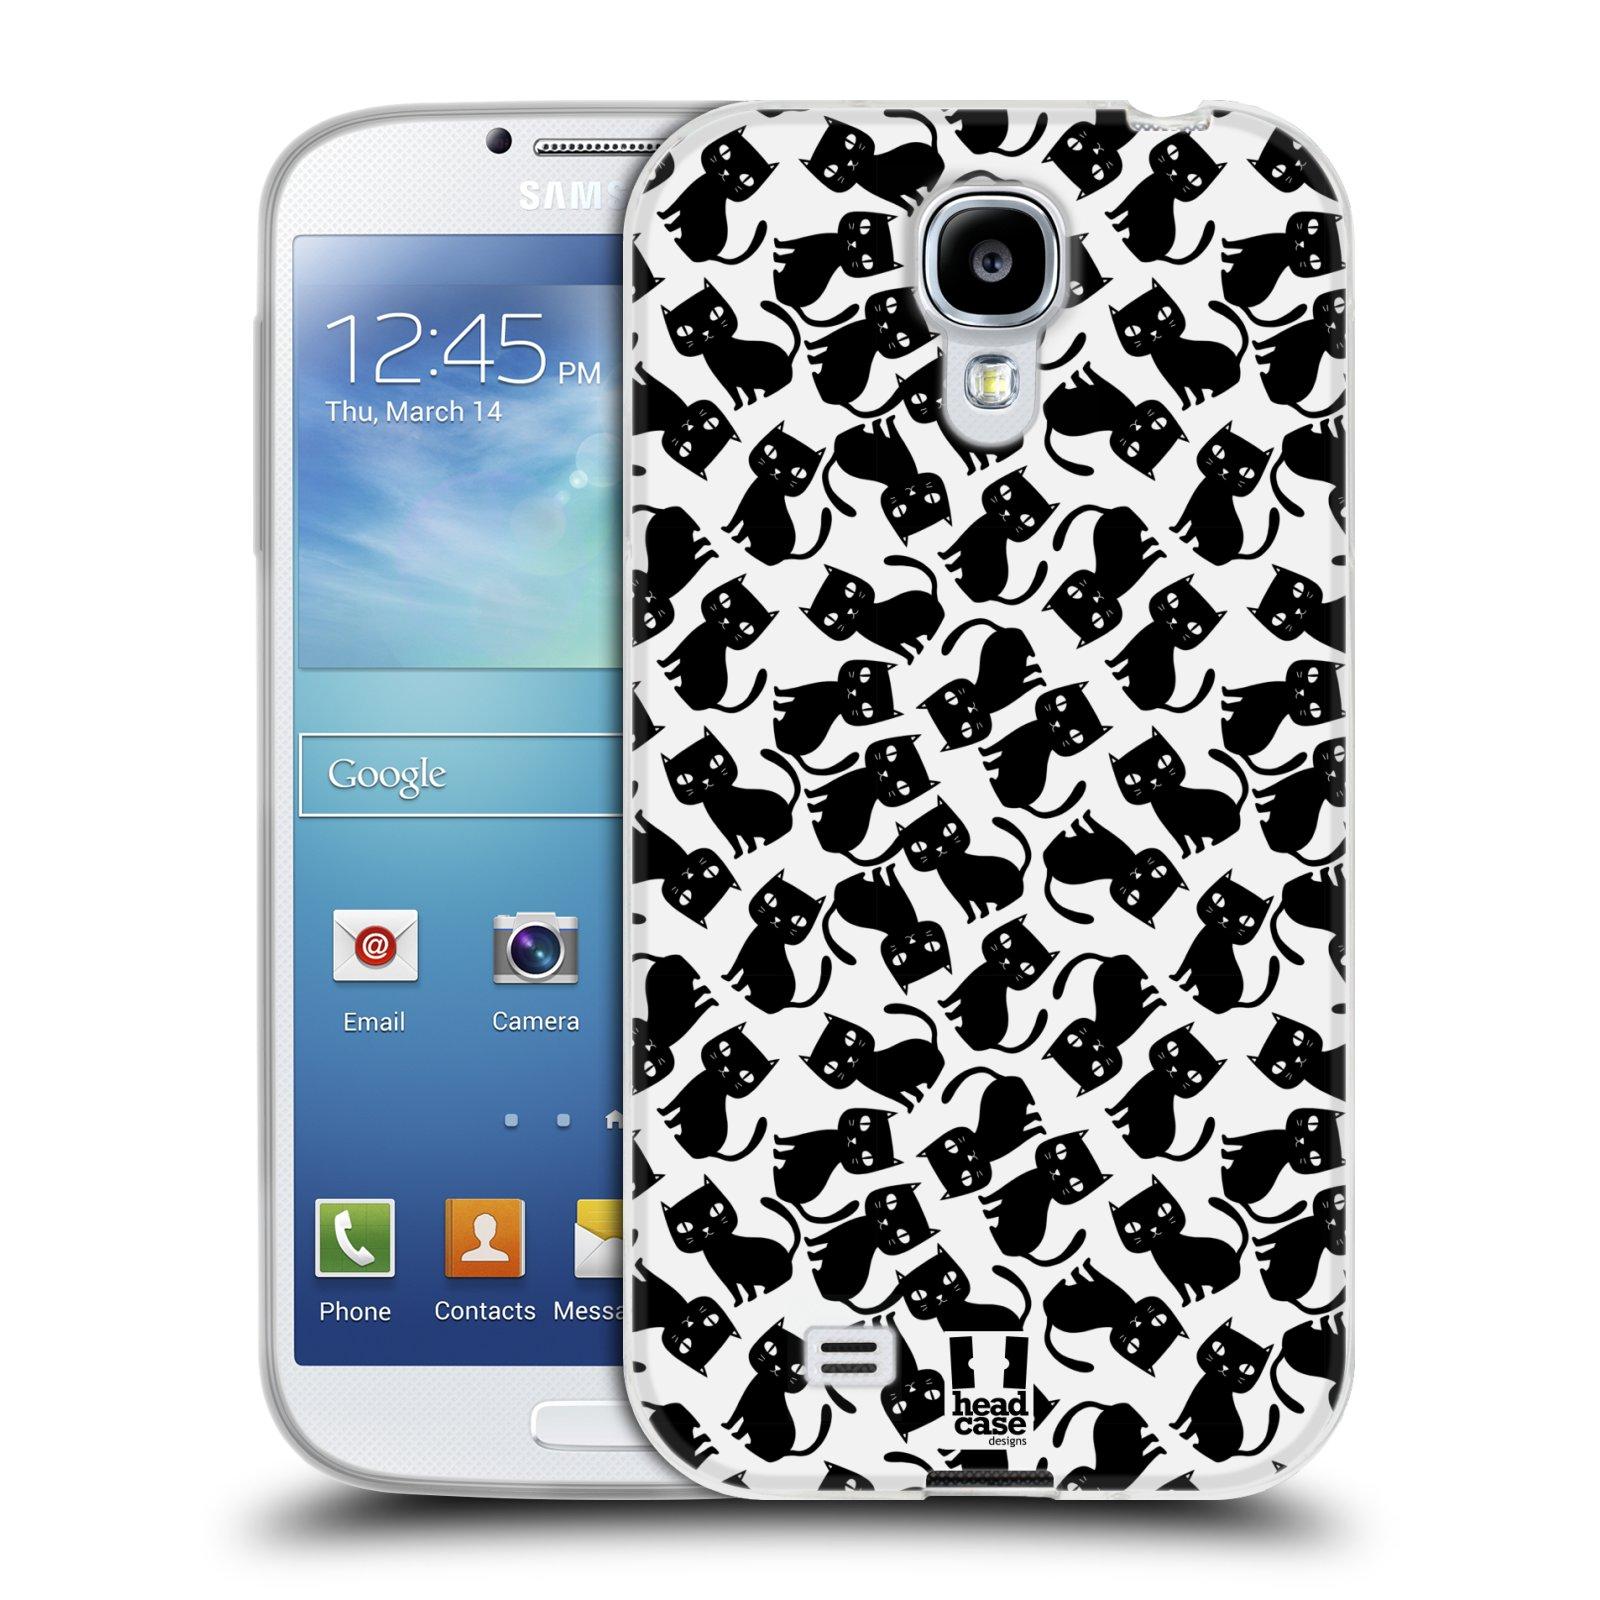 Silikonové pouzdro na mobil Samsung Galaxy S4 HEAD CASE KOČKY Black Pattern (Silikonový kryt či obal na mobilní telefon Samsung Galaxy S4 GT-i9505 / i9500)